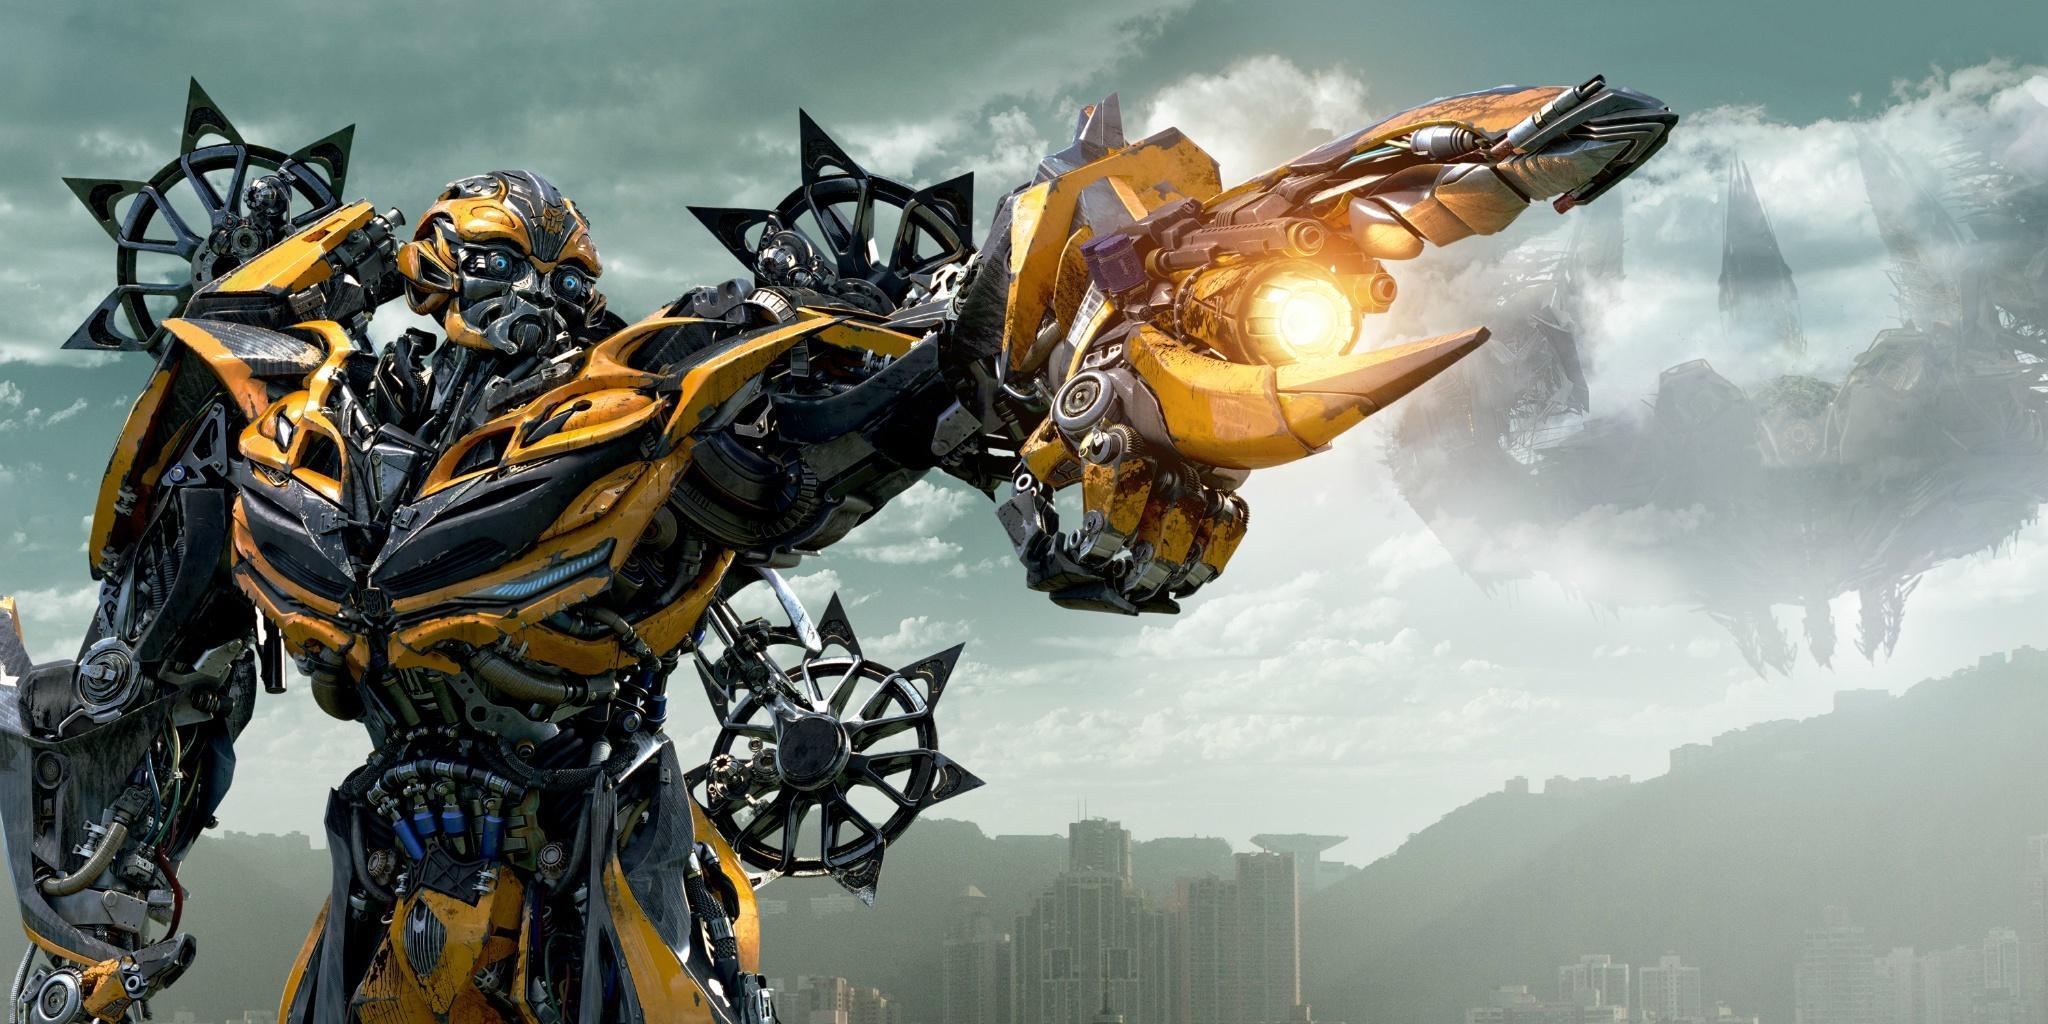 《变形金刚4:绝迹重生》(Transformers: Age of Extinction)极清剧照